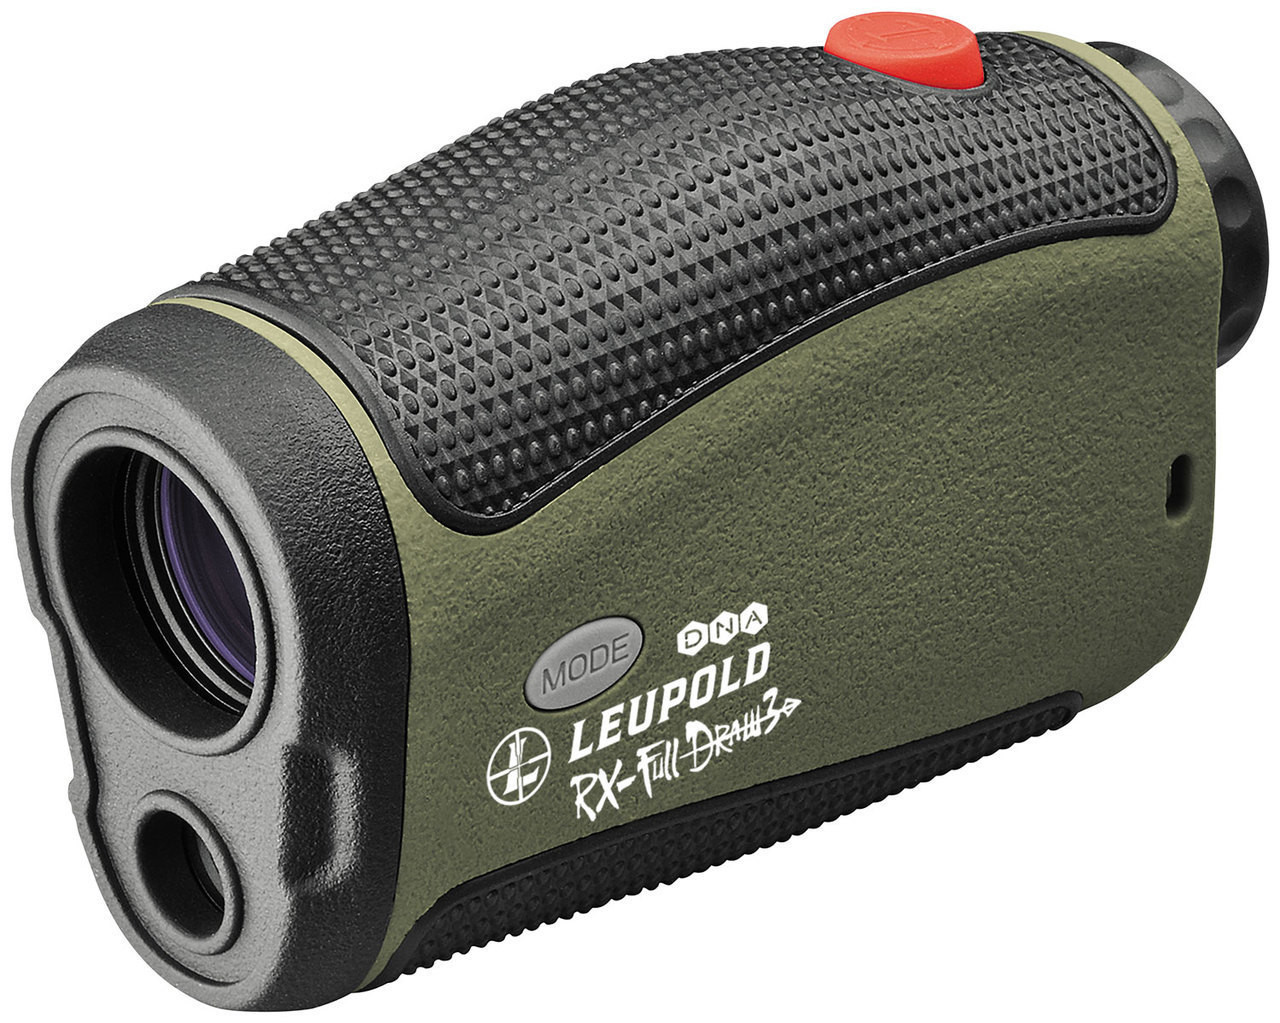 Leupold RX-Fulldraw 3 with DNA Laser Rangefinder 174557